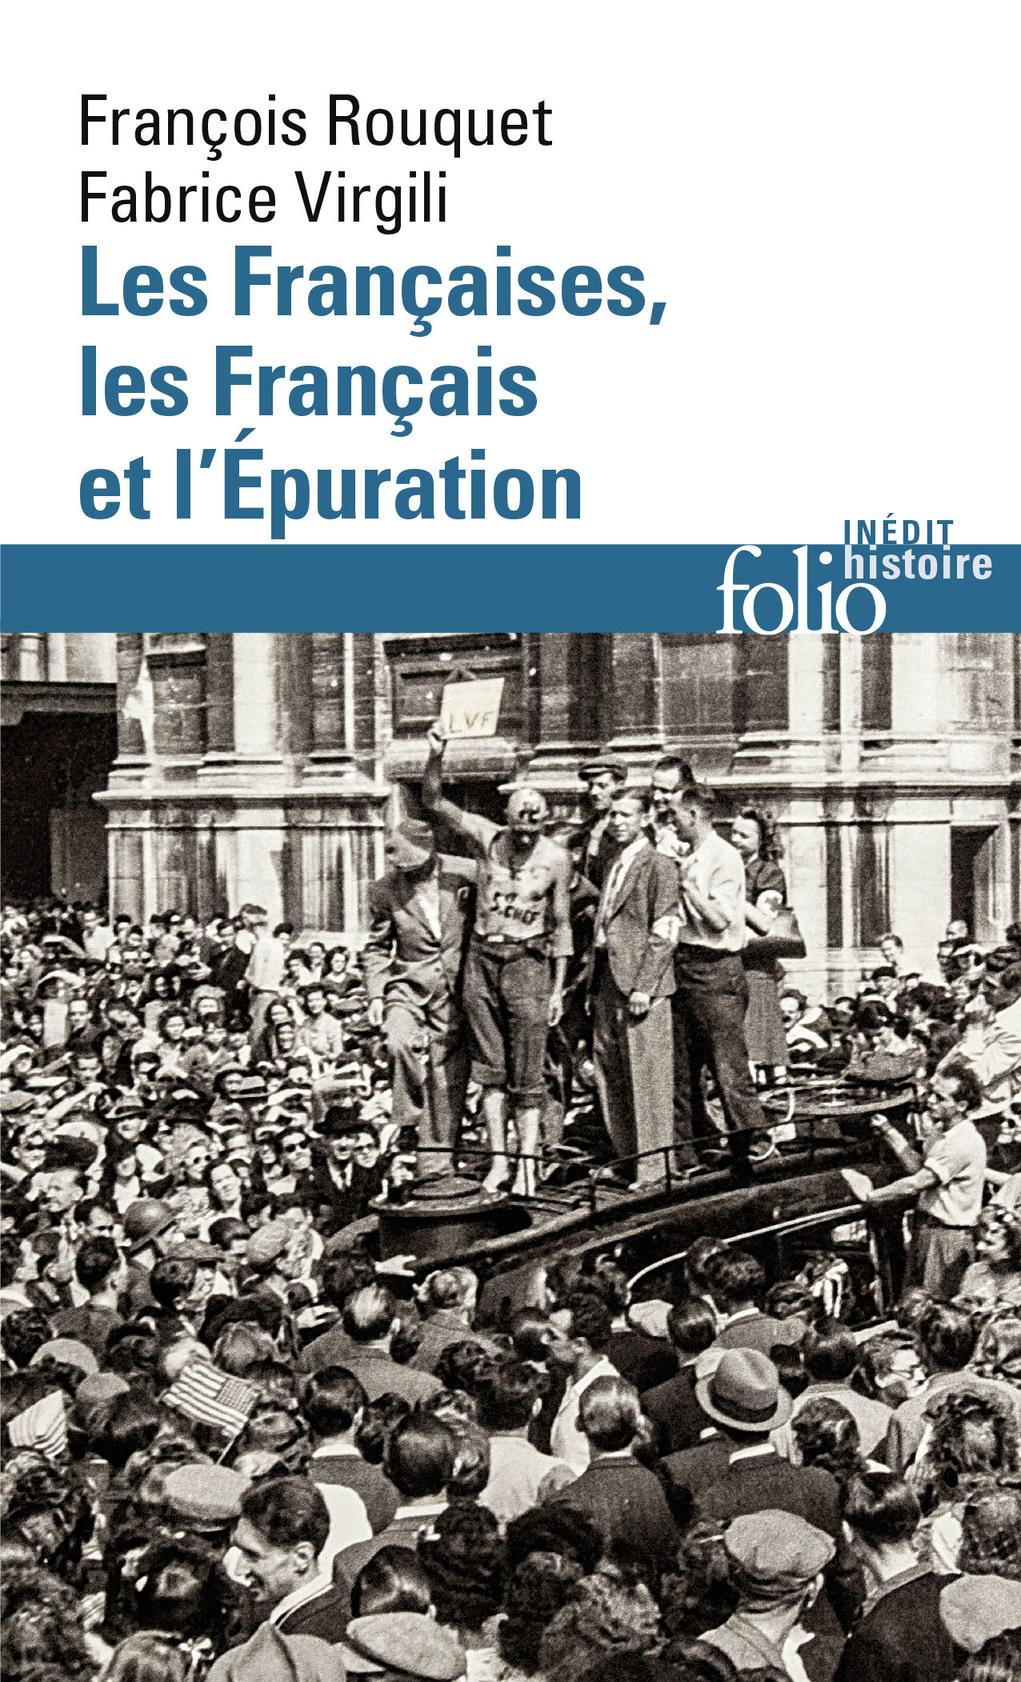 LES FRANCAISES, LES FRANCAIS ET L'EPURATION